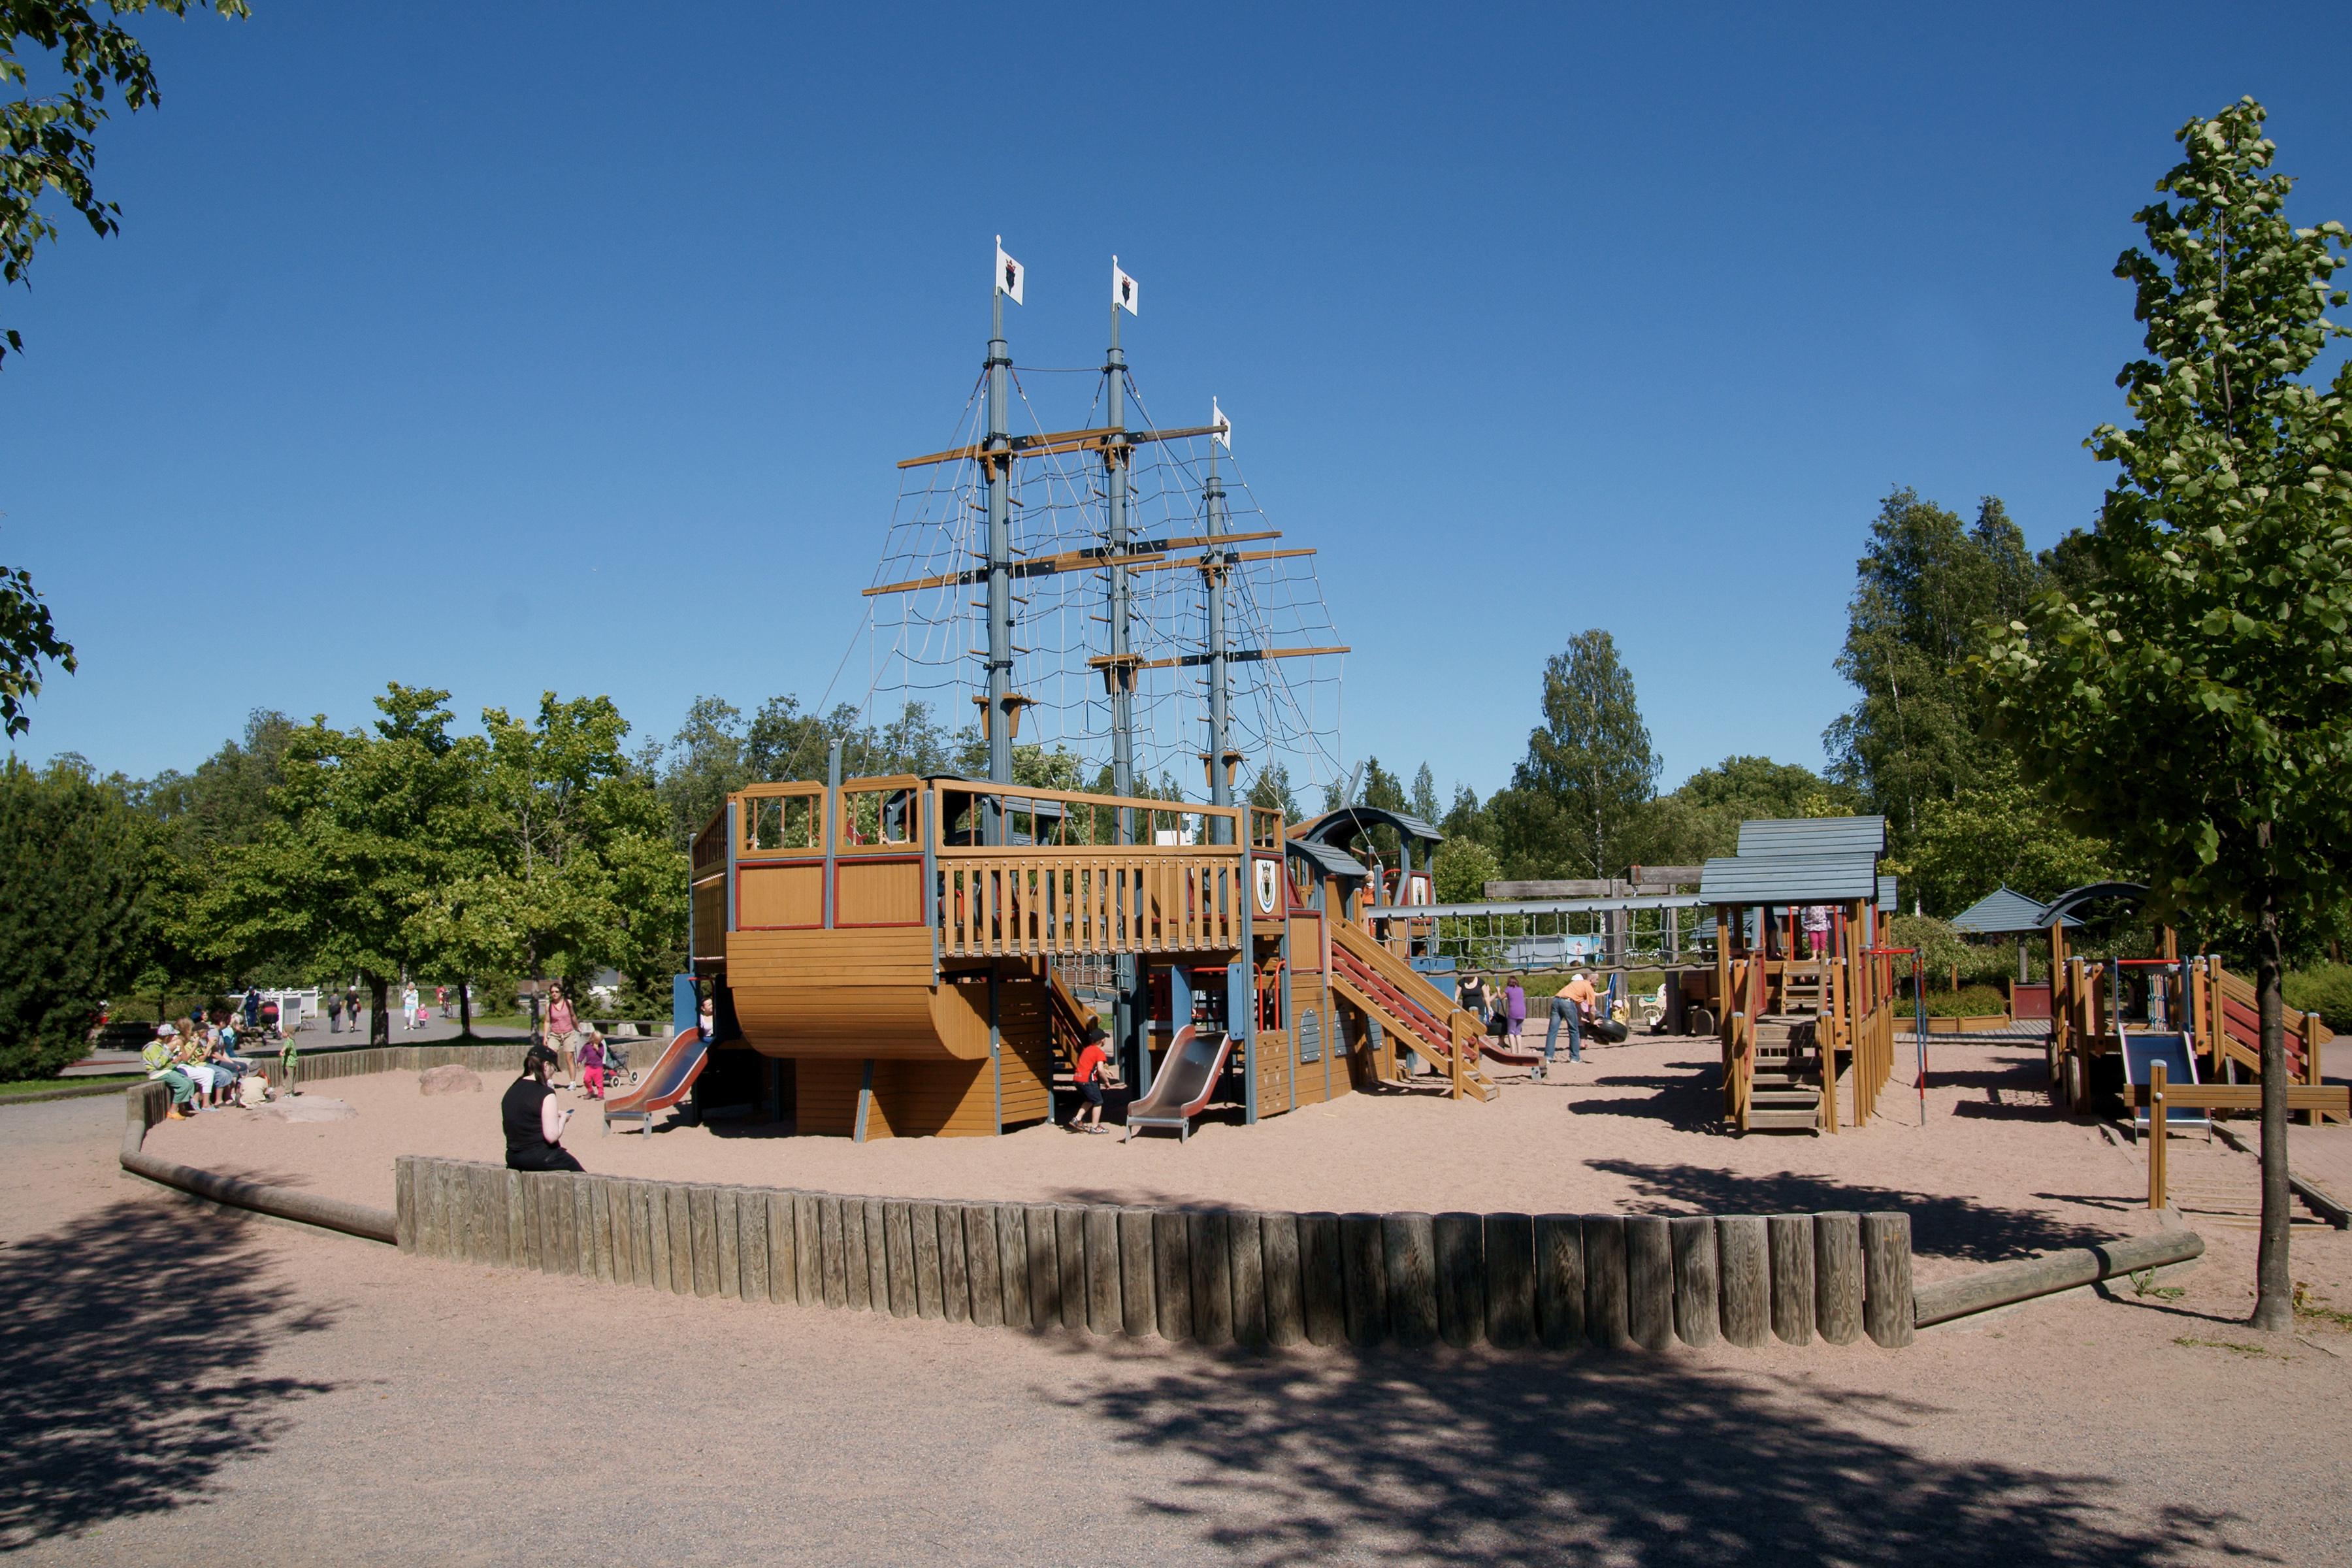 Pelle Hermannin Puisto